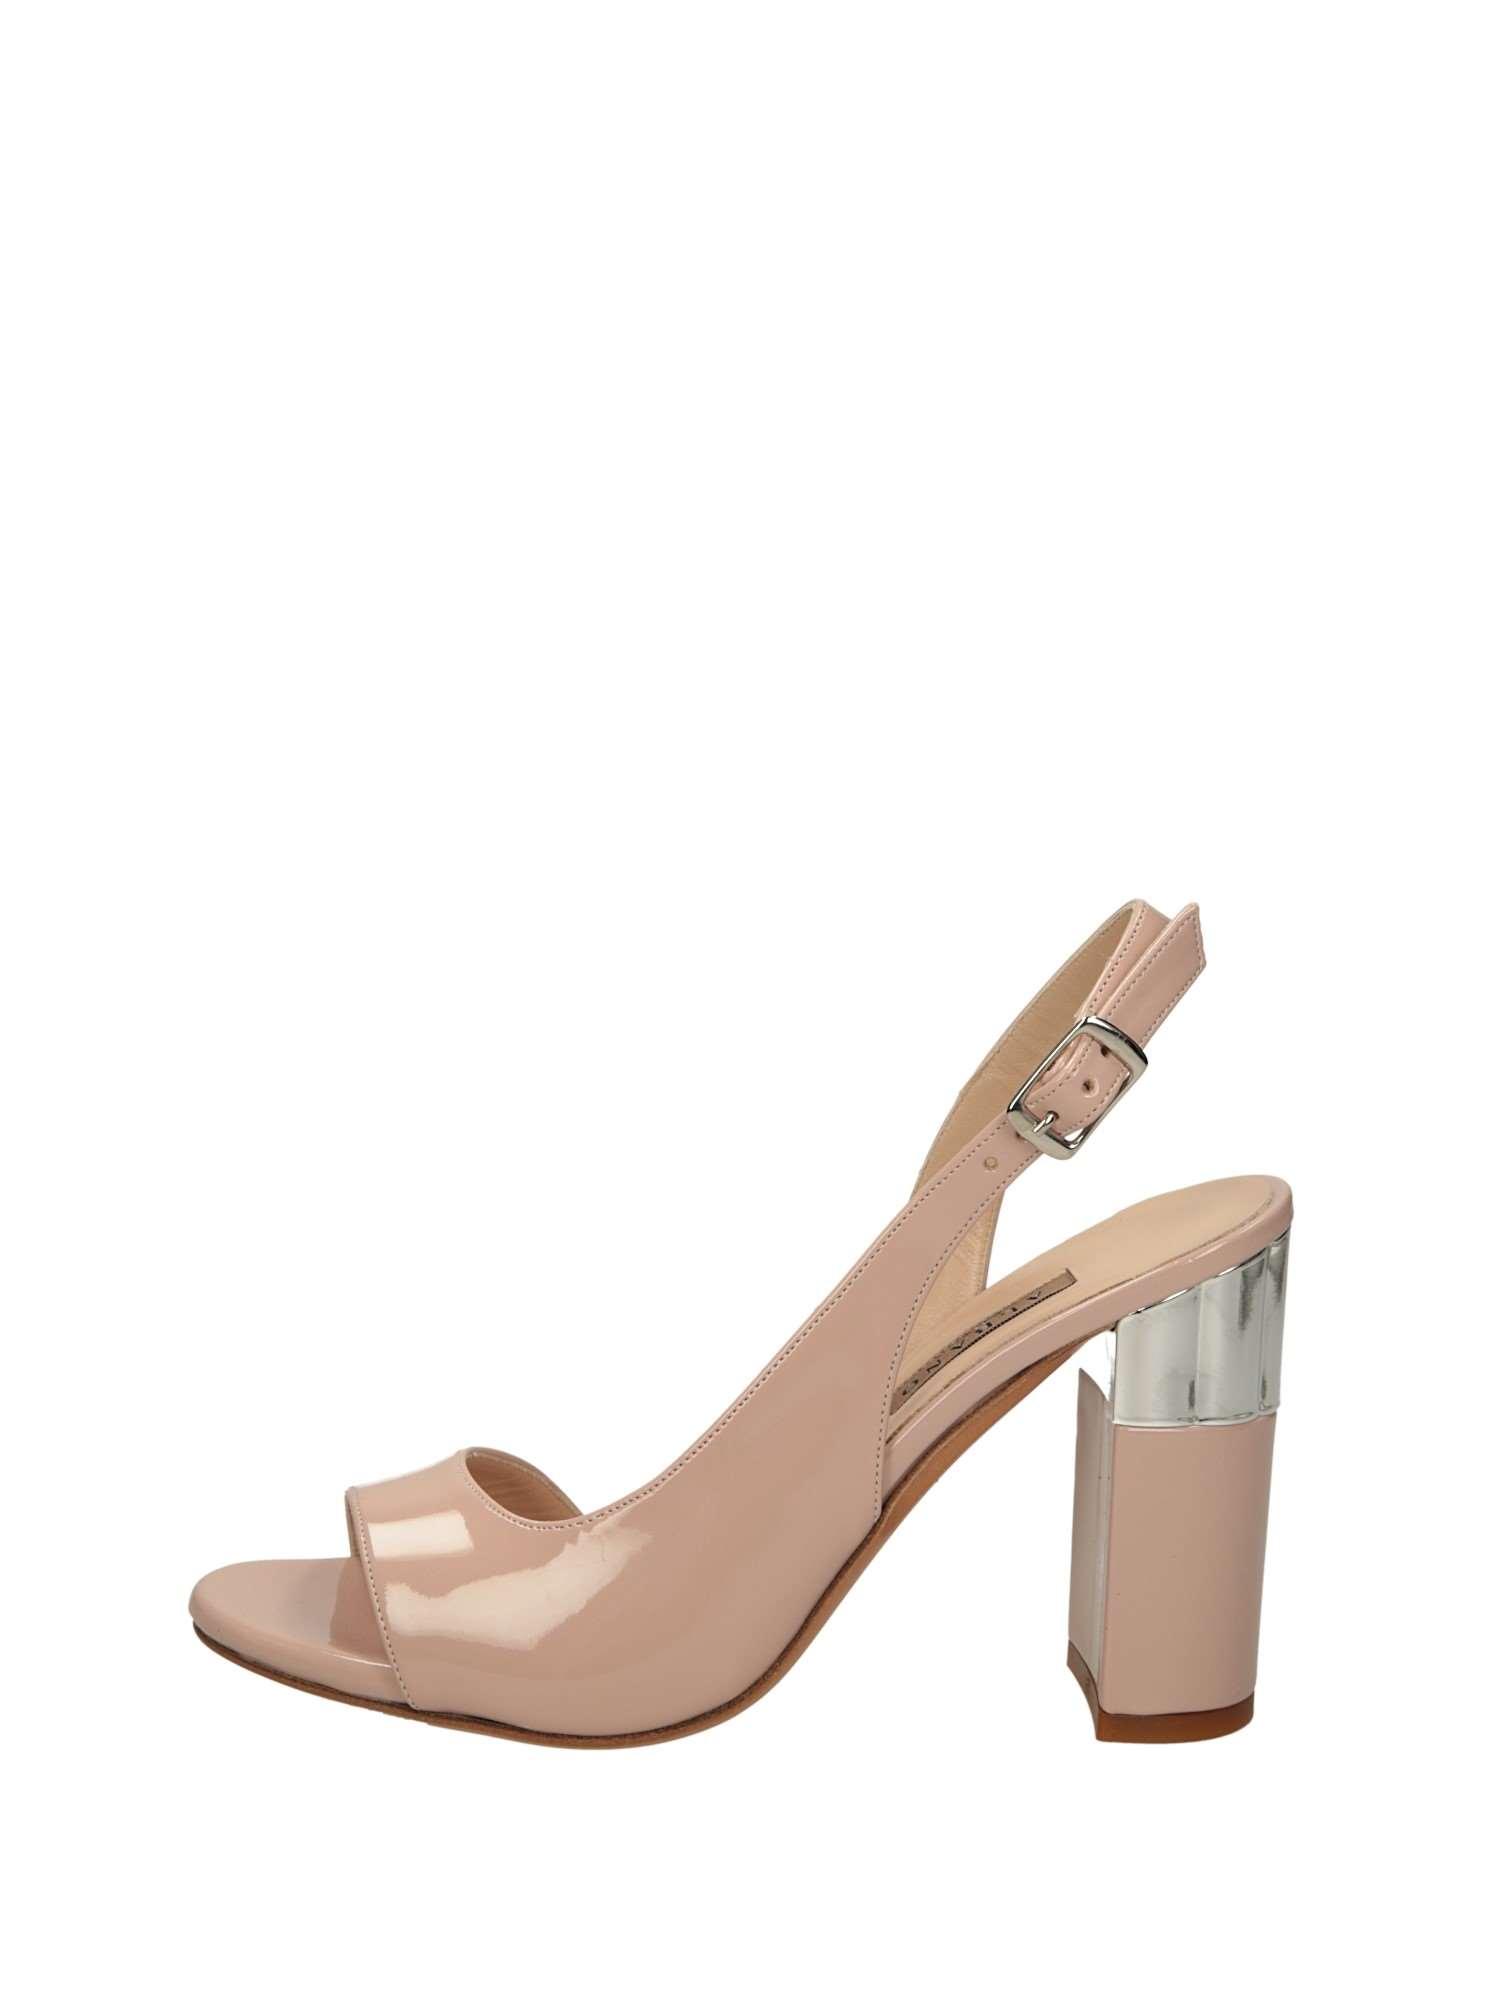 online retailer dcc12 86721 Albano Sandali Tacchi E Plateau Donna Cipria | Lalilina